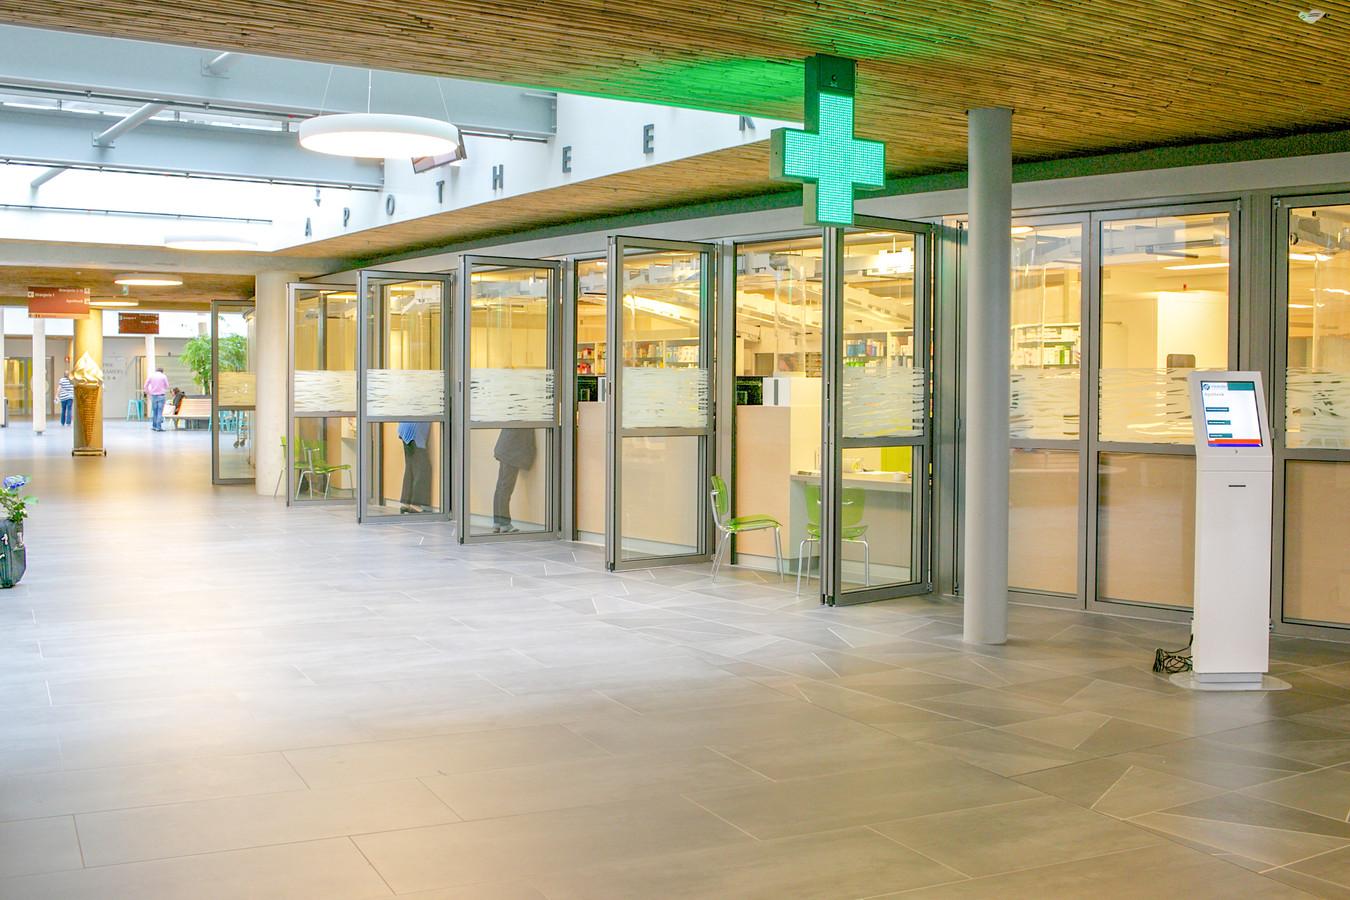 De dienstapotheek in het Meanderziekenhuis in Amersfoort